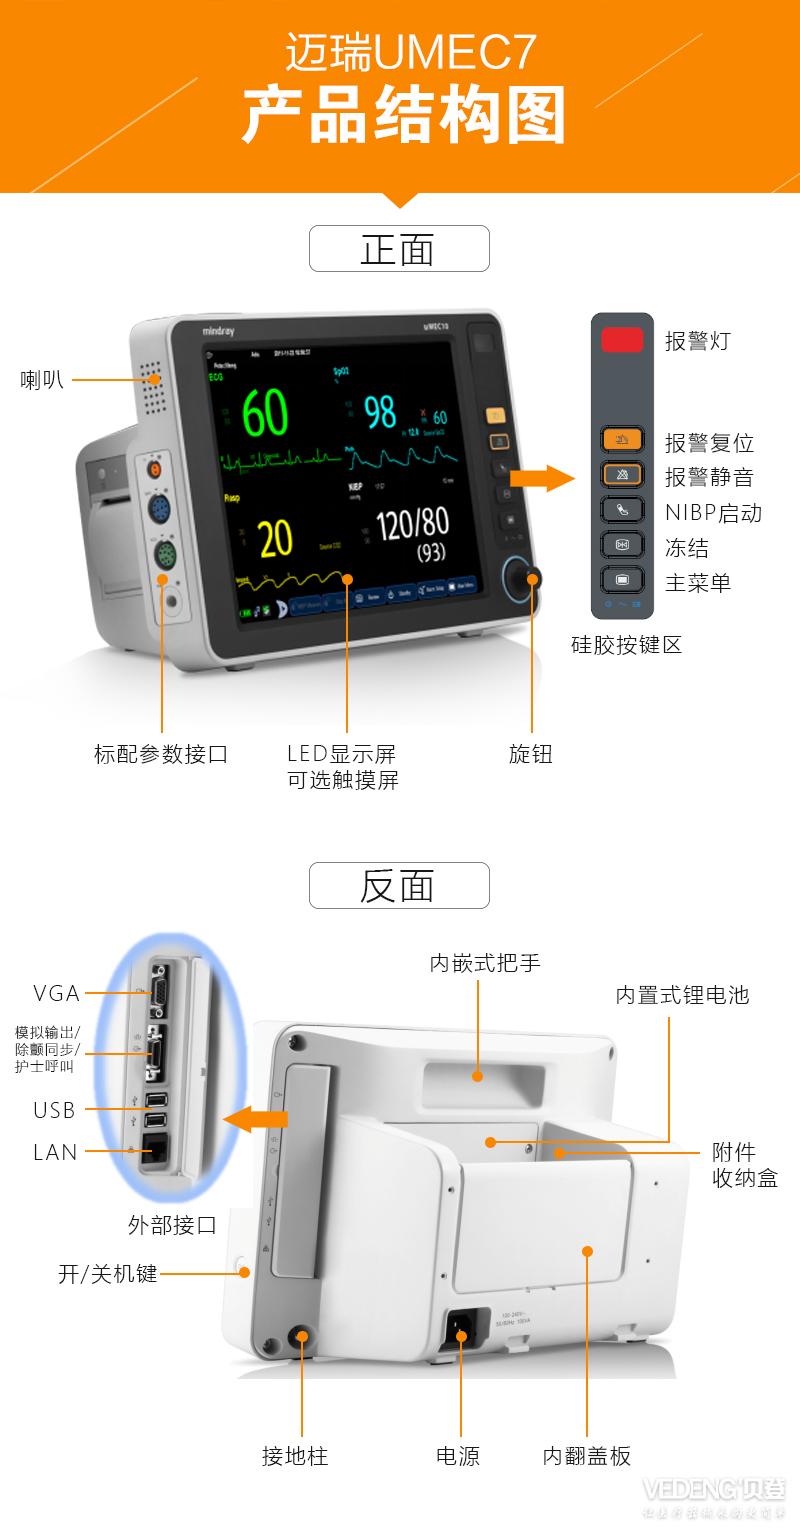 迈瑞病人监护仪umec7 便携式多参数监护仪产品结构图_产品包括报警灯,喇叭,LED显示屏可选触摸屏,标配参数接口,旋钮,主菜单,内线式把手,电源,内翻盖板,接地柱等到_迈瑞便携式多参数监护仪umec7_贝登.jpg